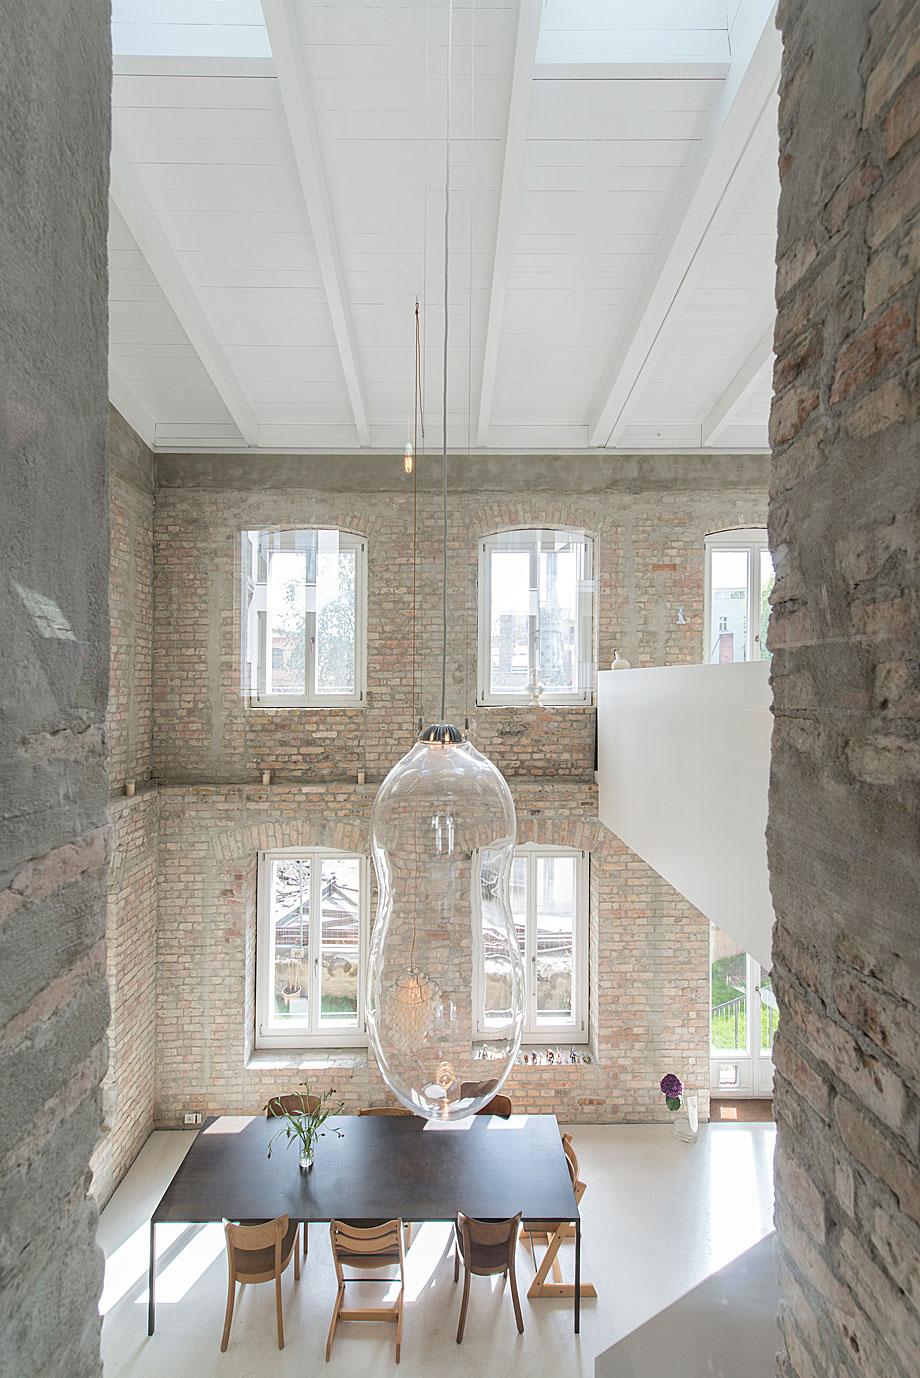 casa-mmb-asdfg-architekten-fotos-michal-pfisterer-23